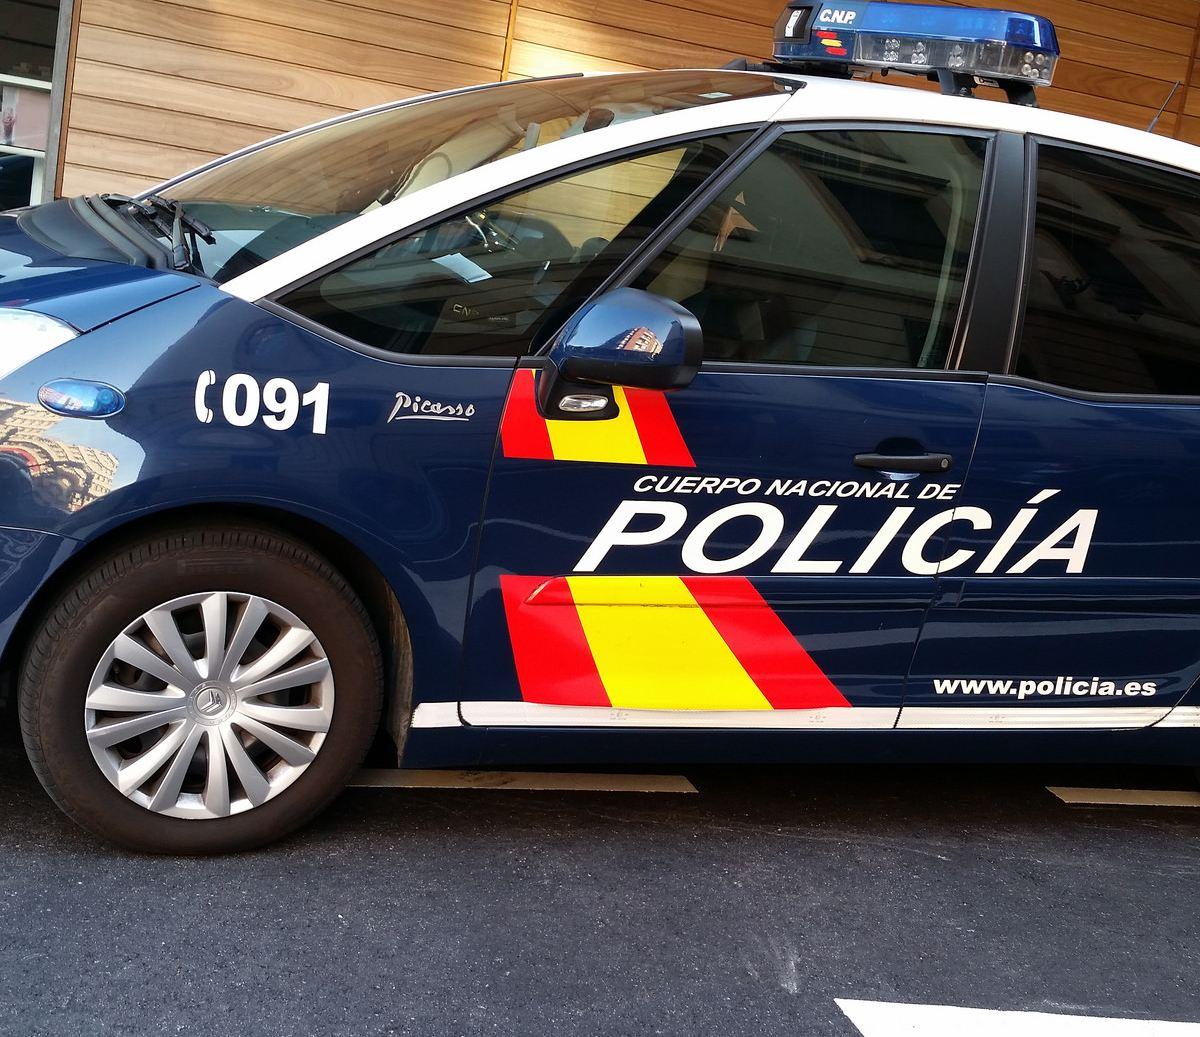 Policía Nacional, vehículo, coche